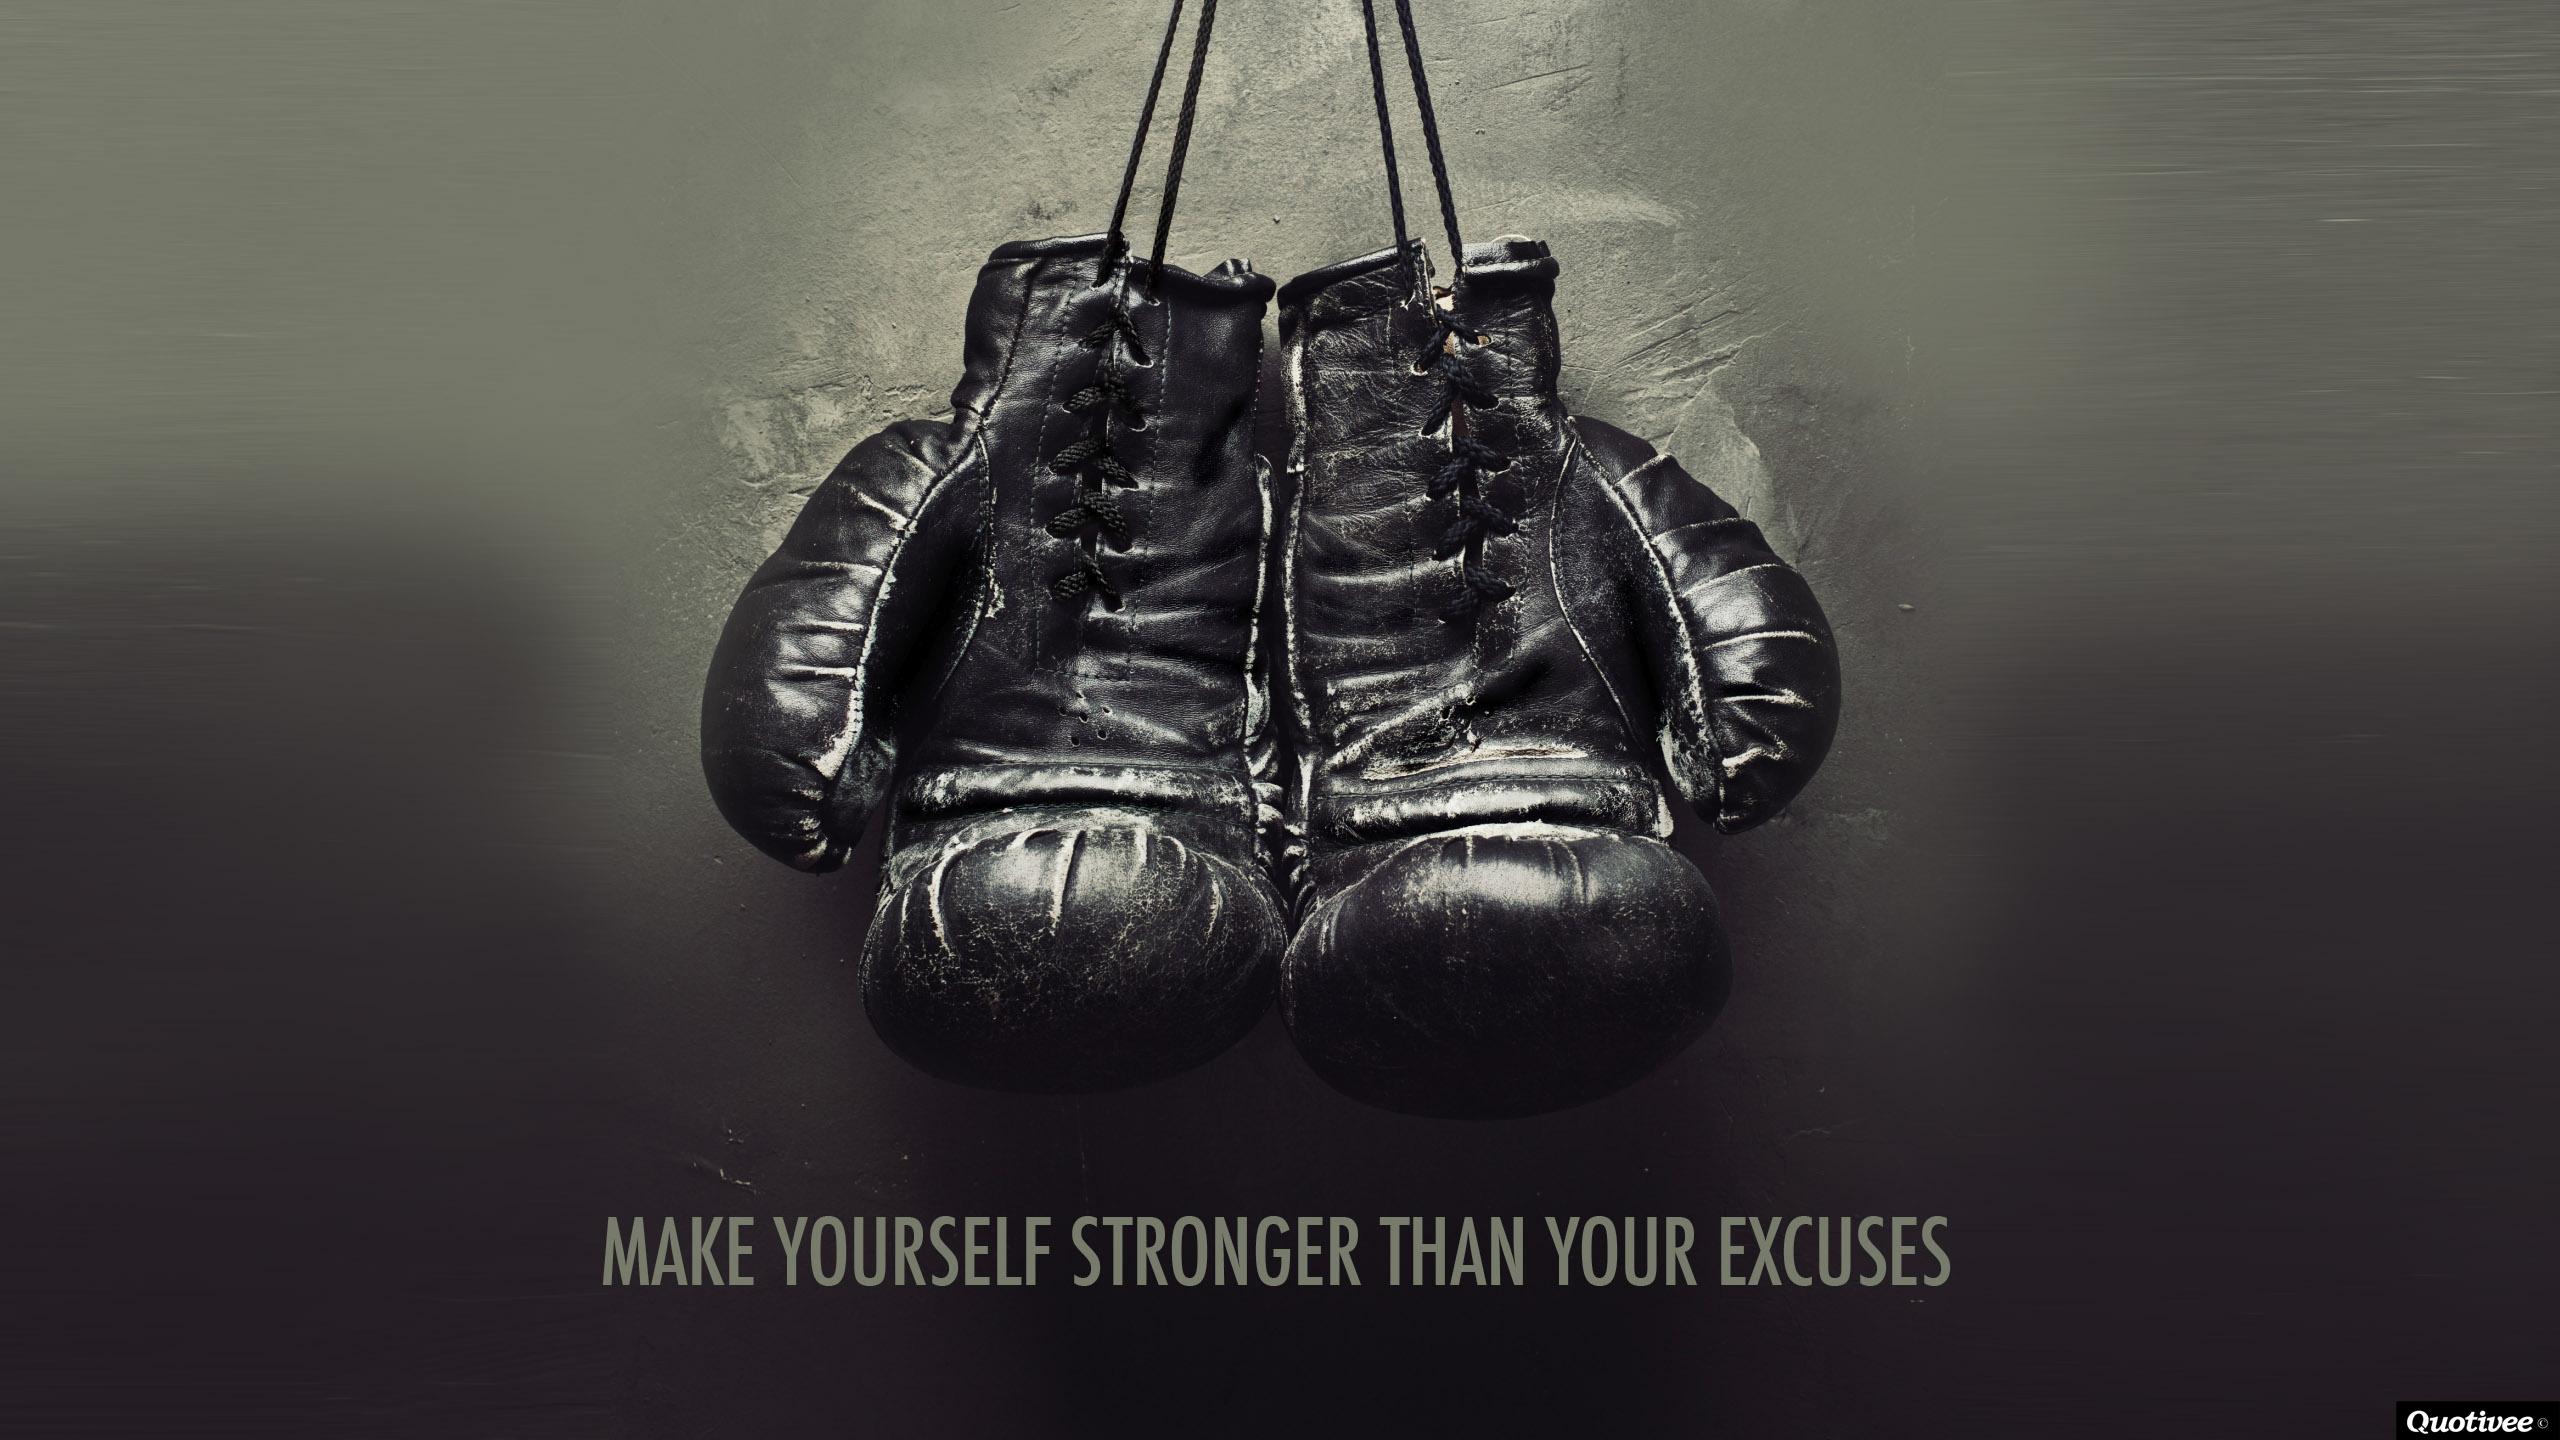 خودت رو قوی تر از بهانه هات کن!